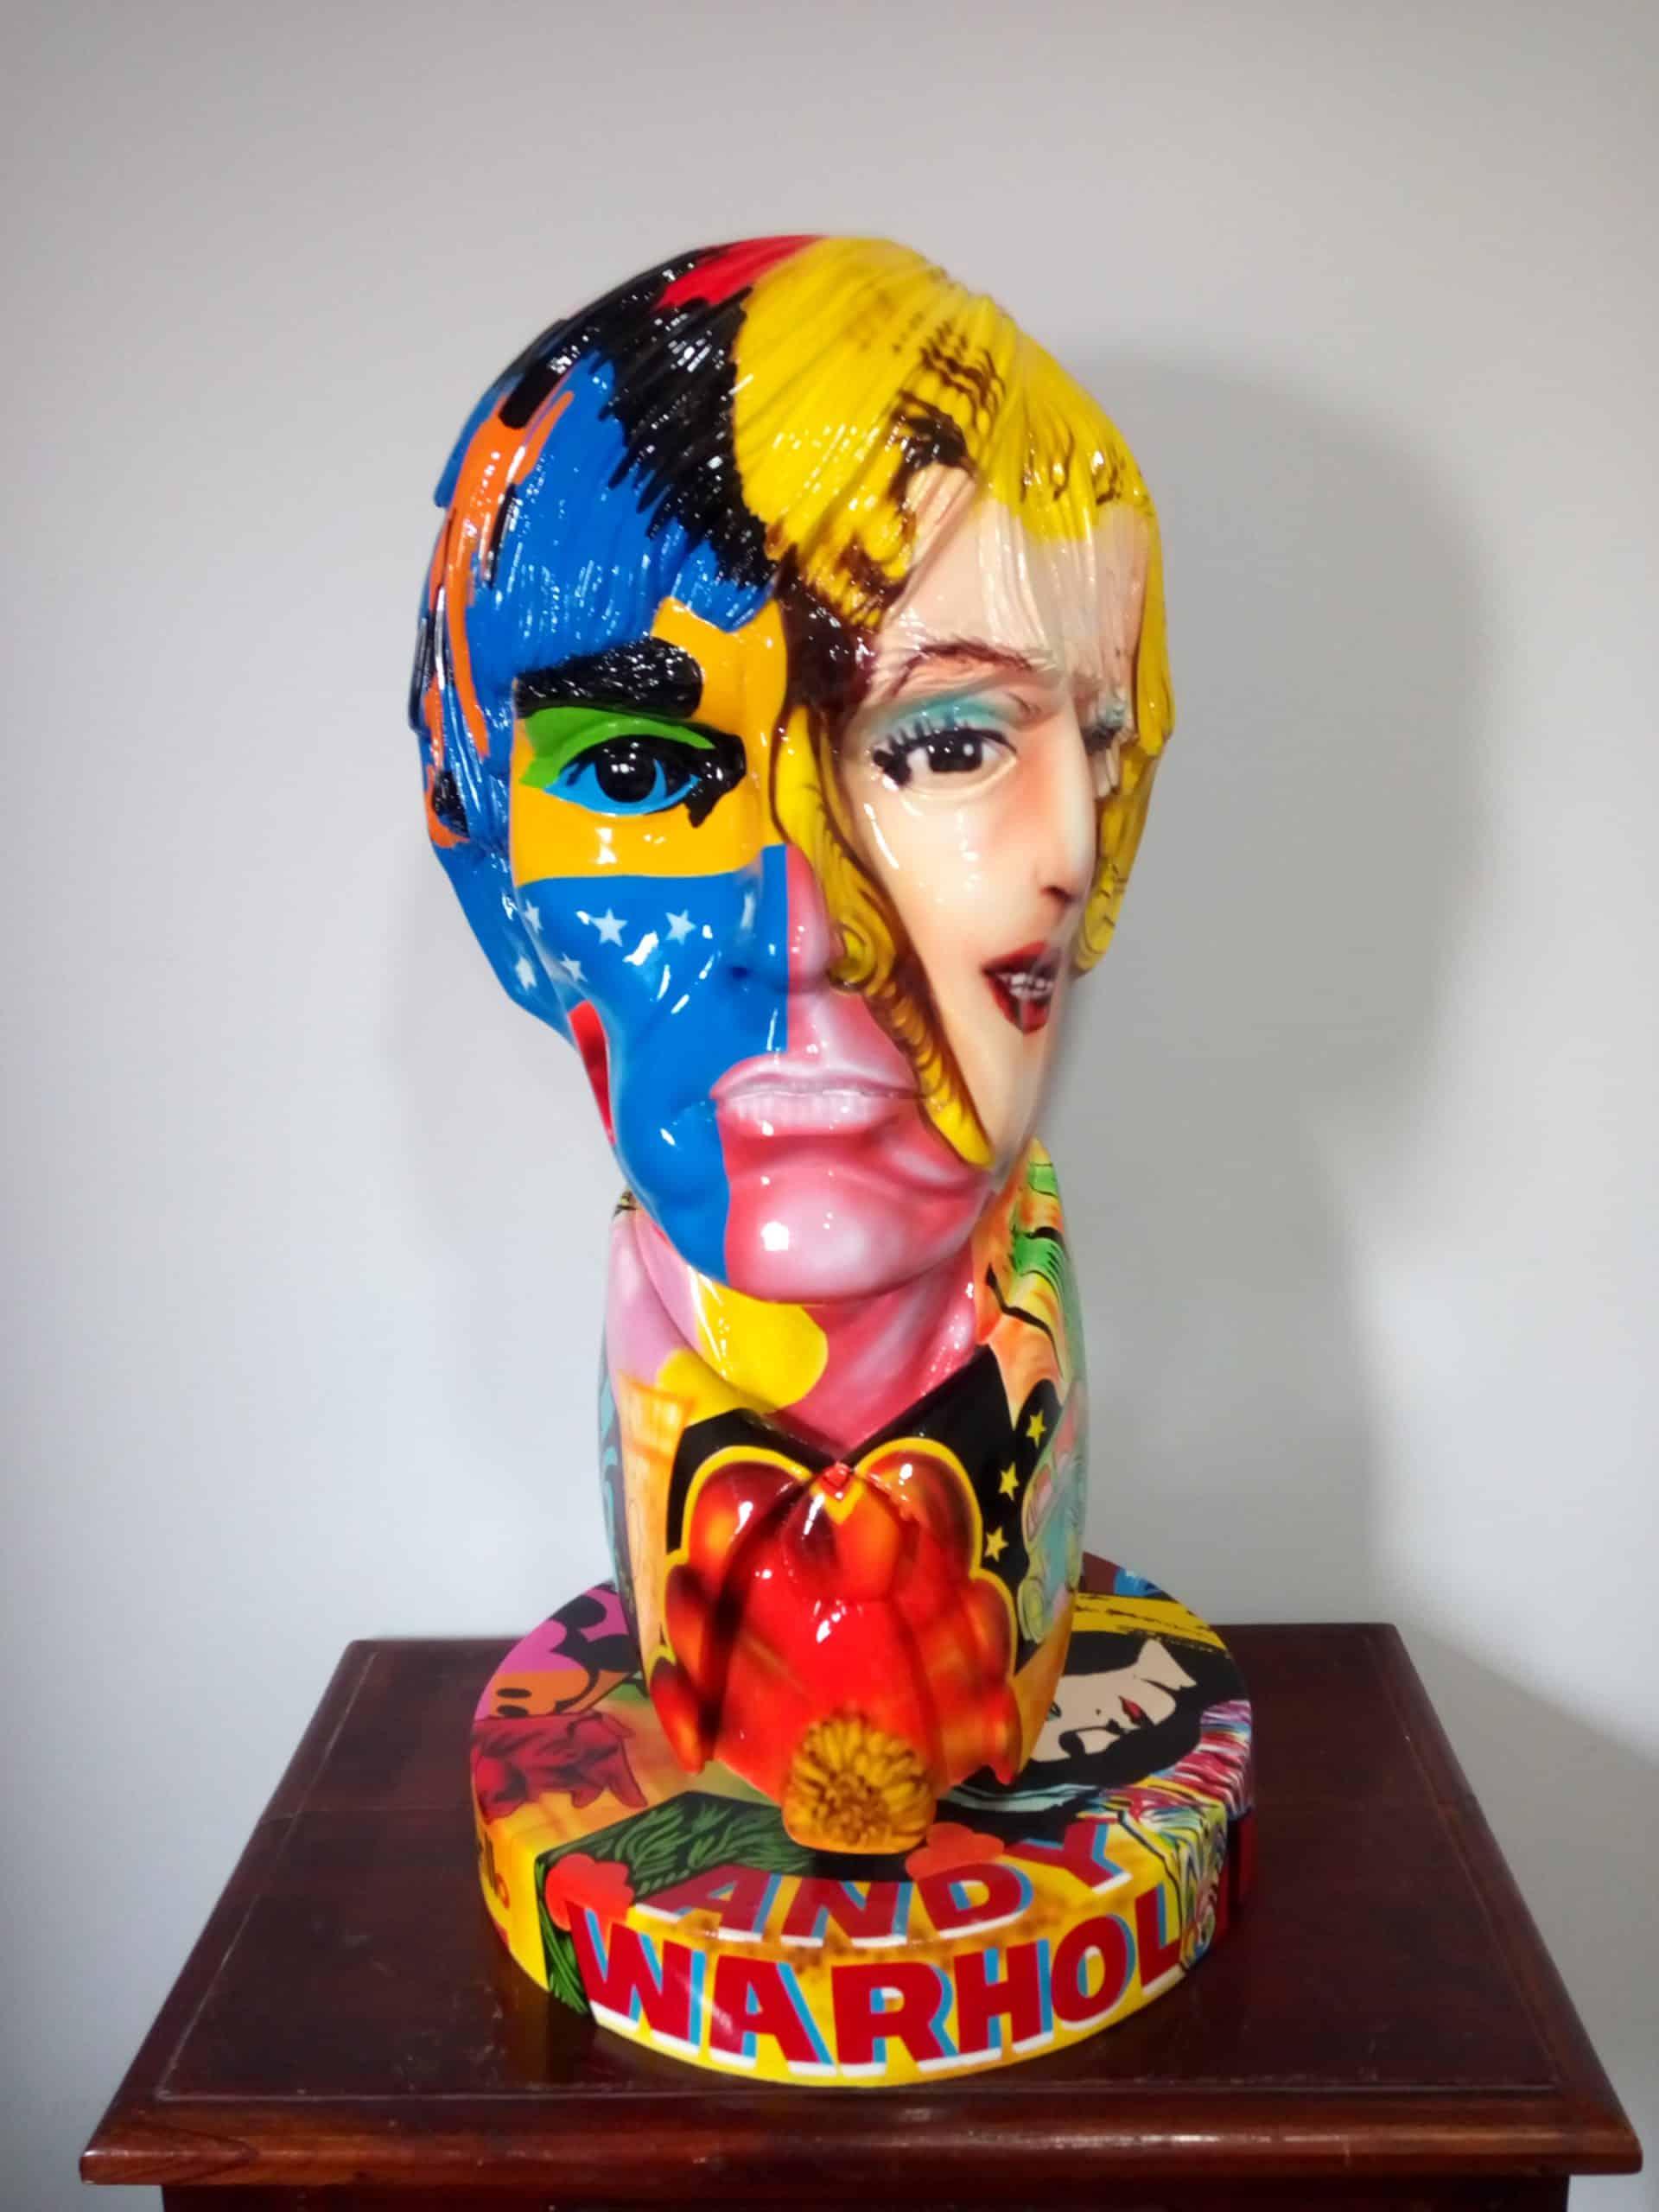 פסל של אנדי וורהול בפופ ארט